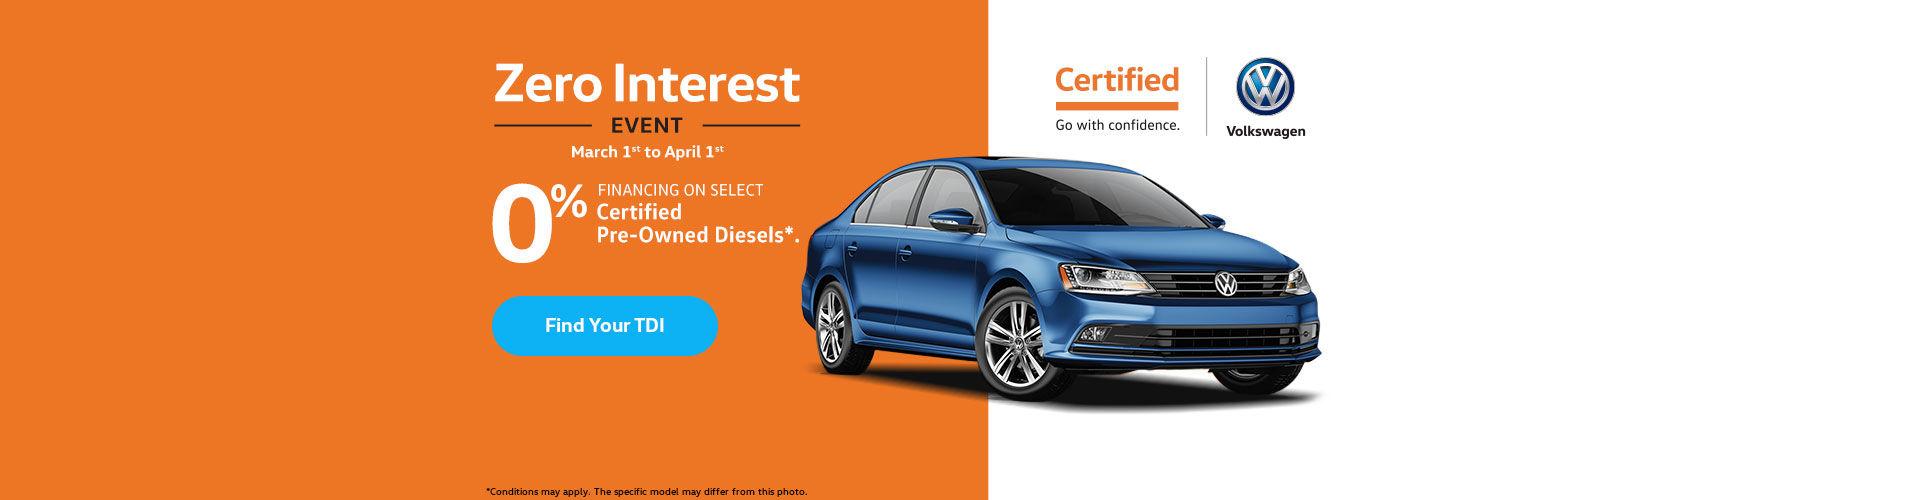 Volkswagen Zero interest